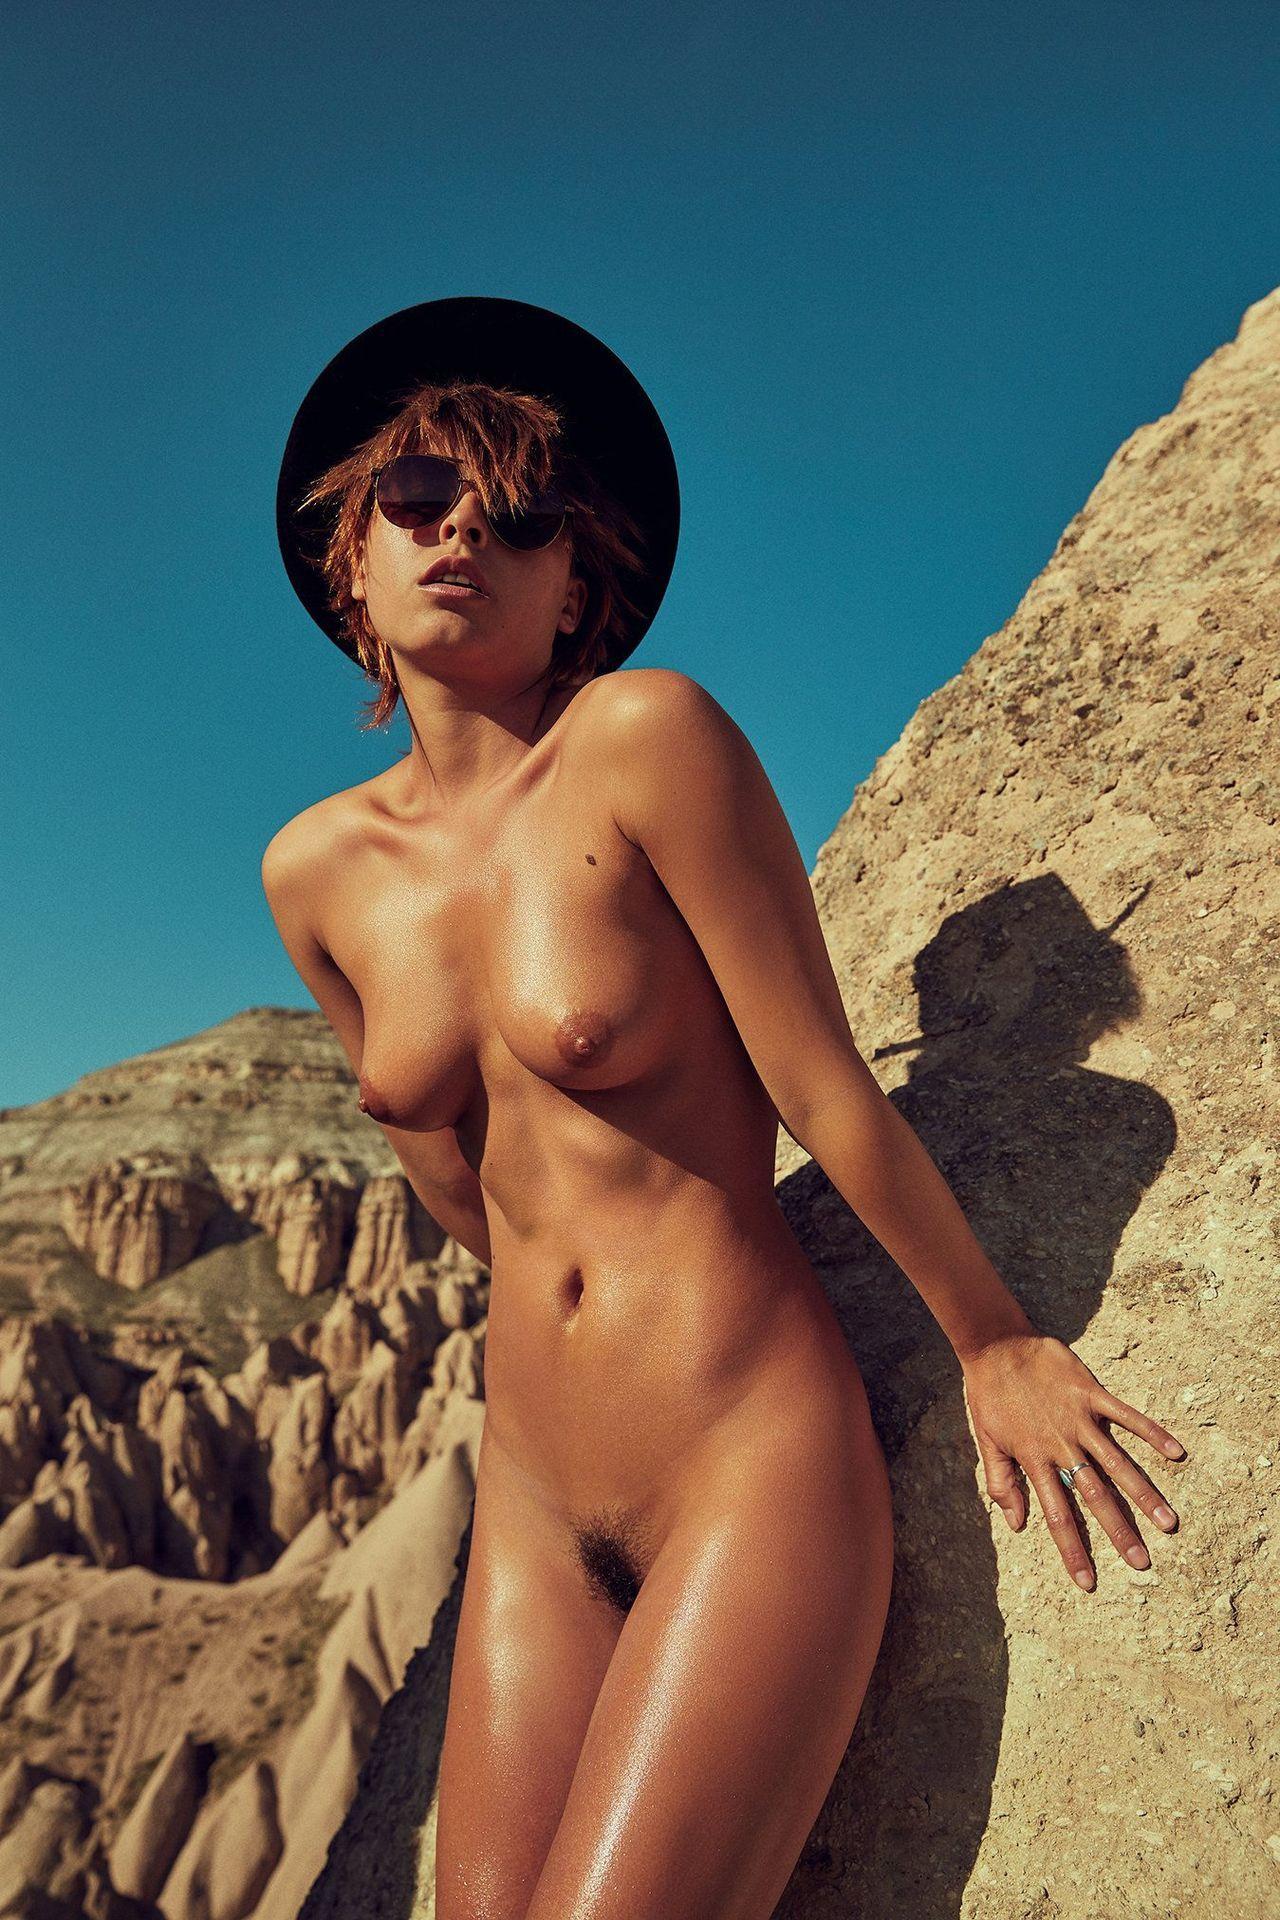 marisa-papen-nudes-729355-thefappeningblog.com_.jpg